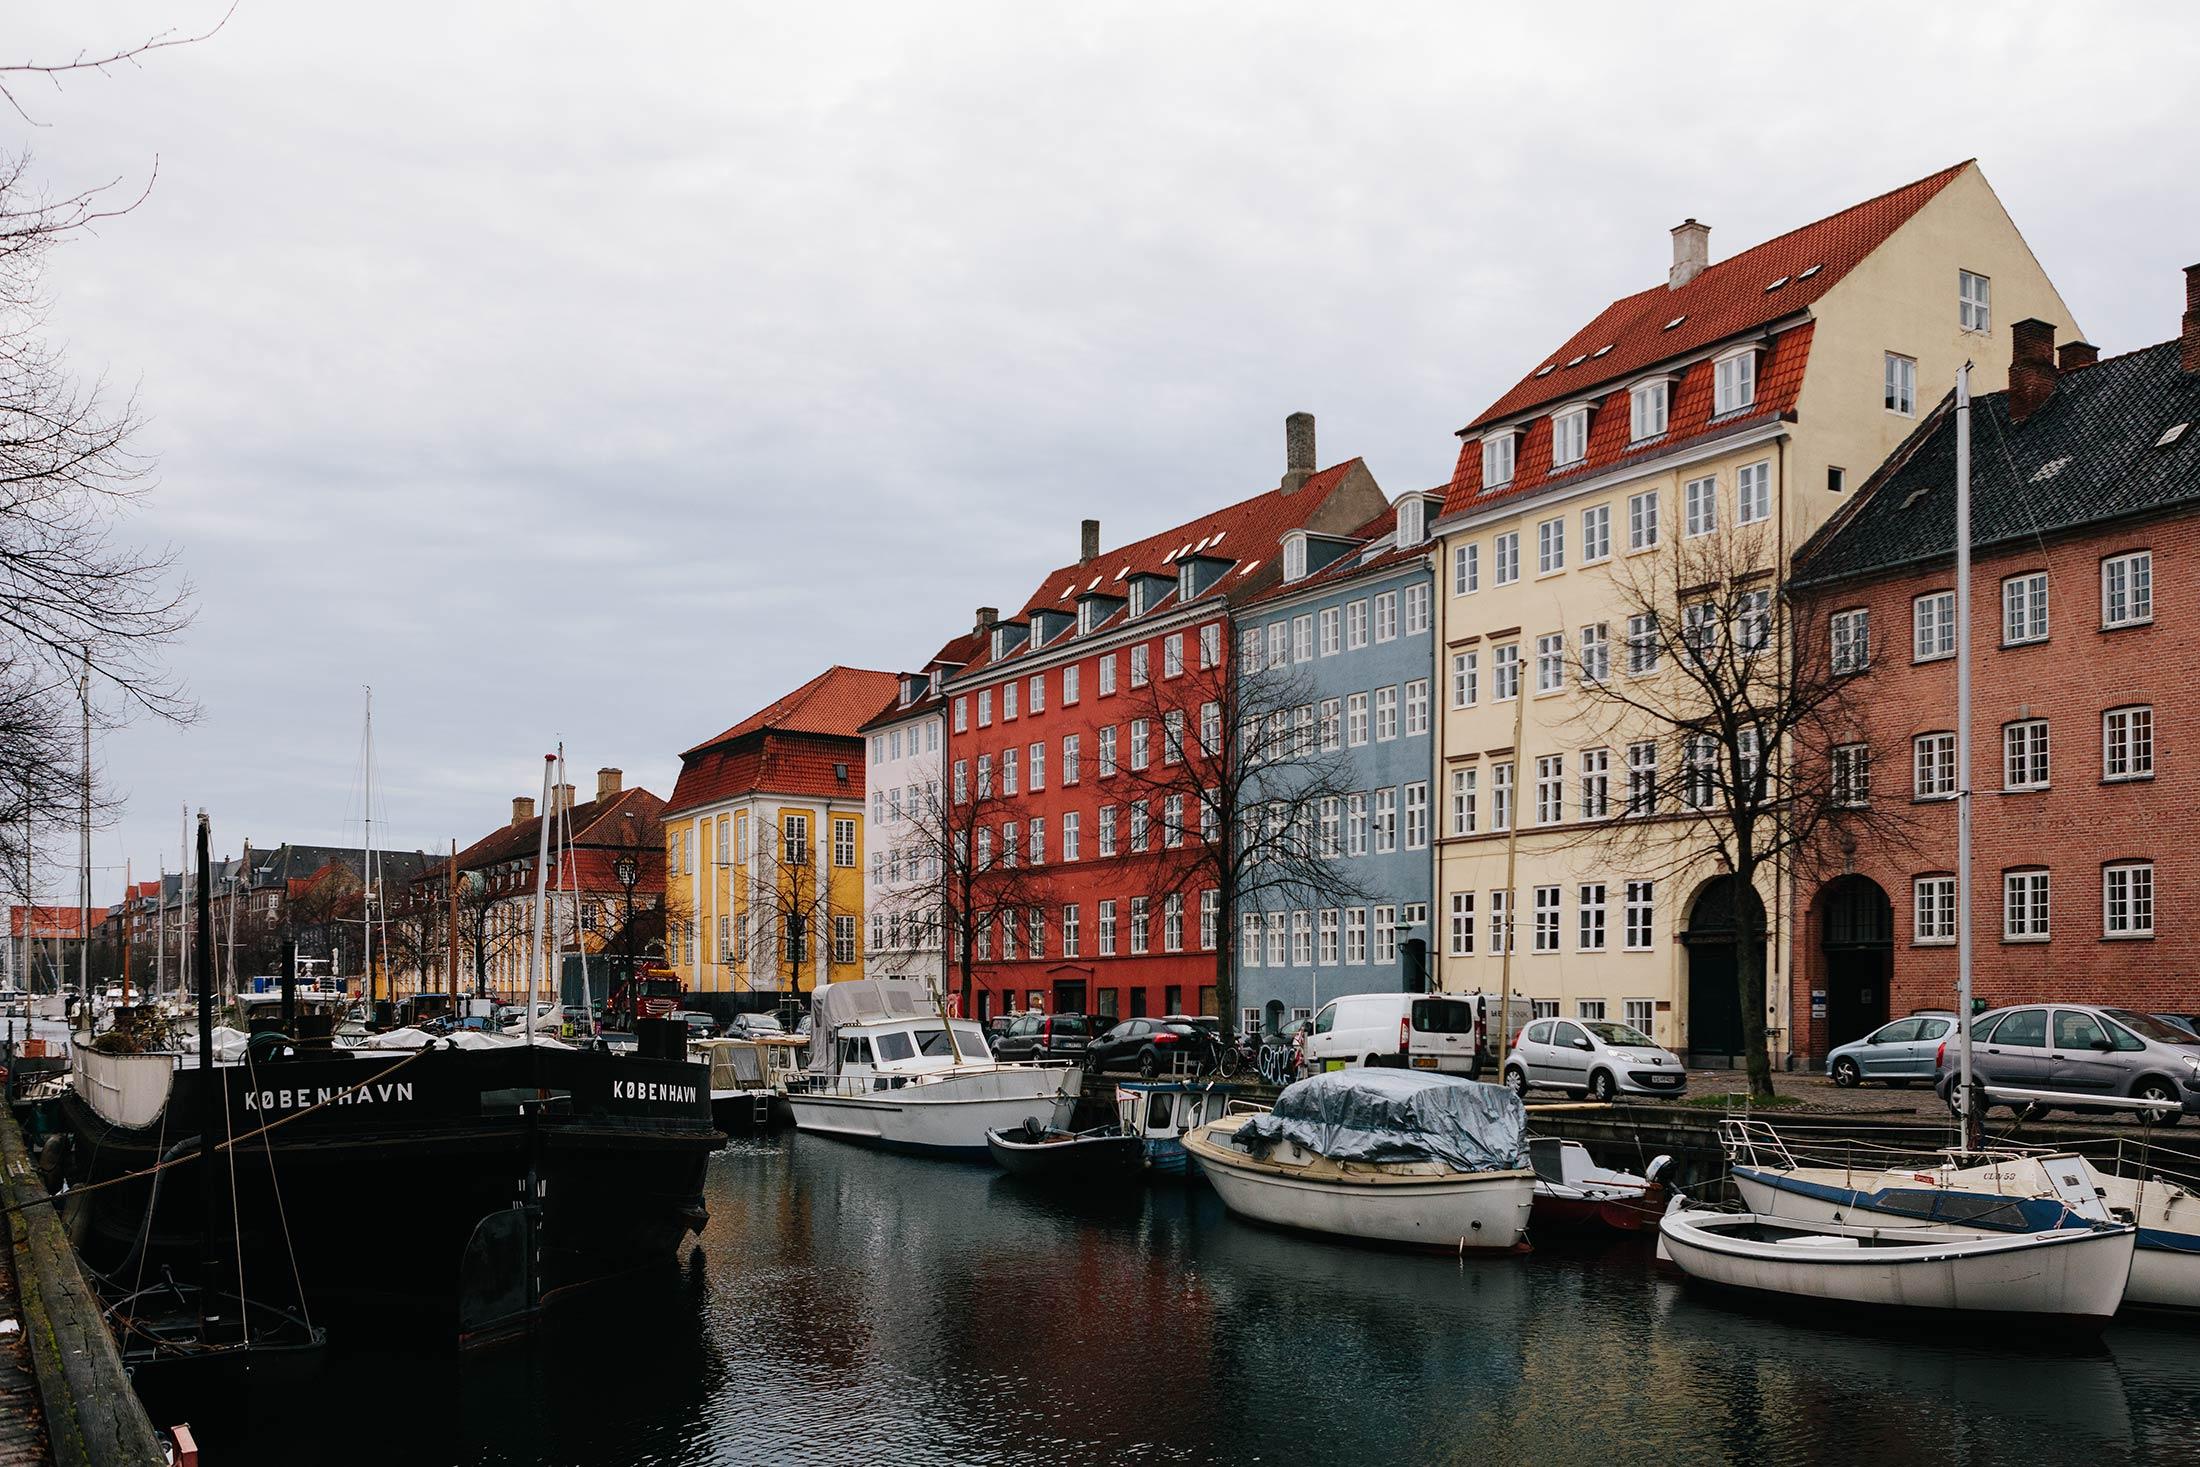 CPH_Kopenhagen_12-Mitja_Schneehage